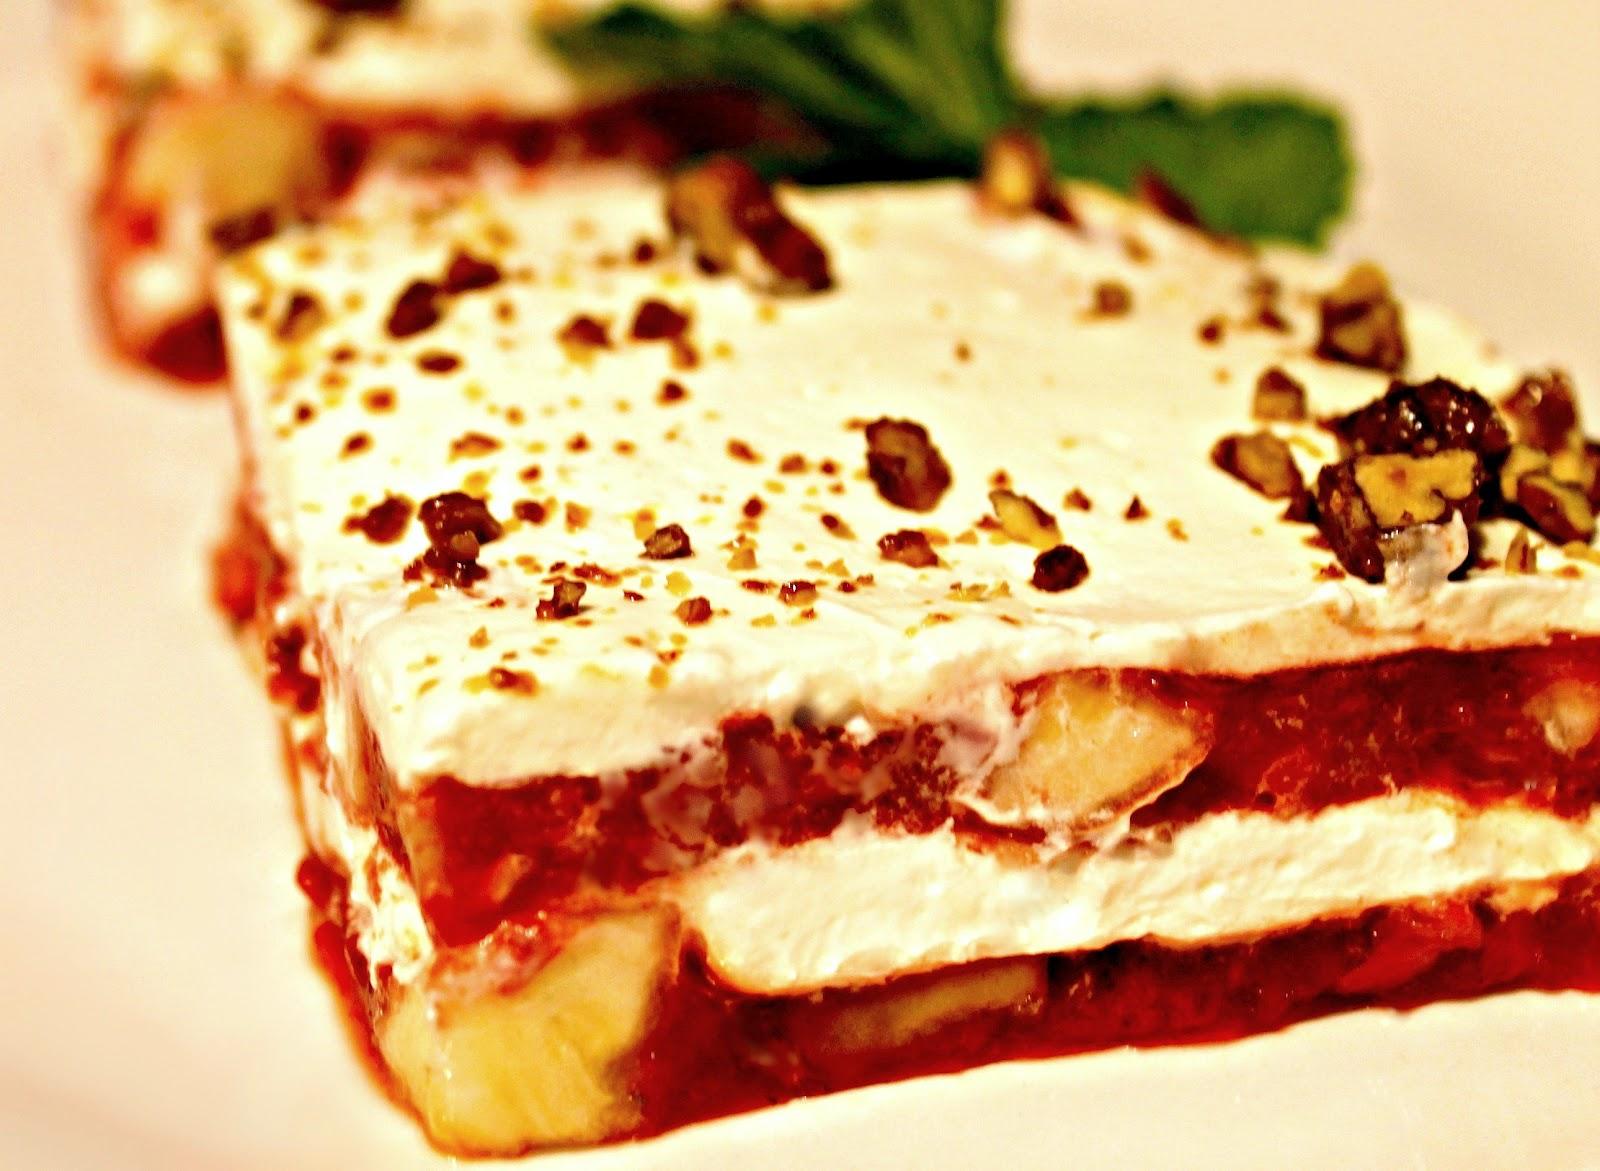 Strawberry Jello Cake Recipe With Pudding: Sandra's Alaska Recipes: SANDRA'S ENHANCED STRAWBERRY